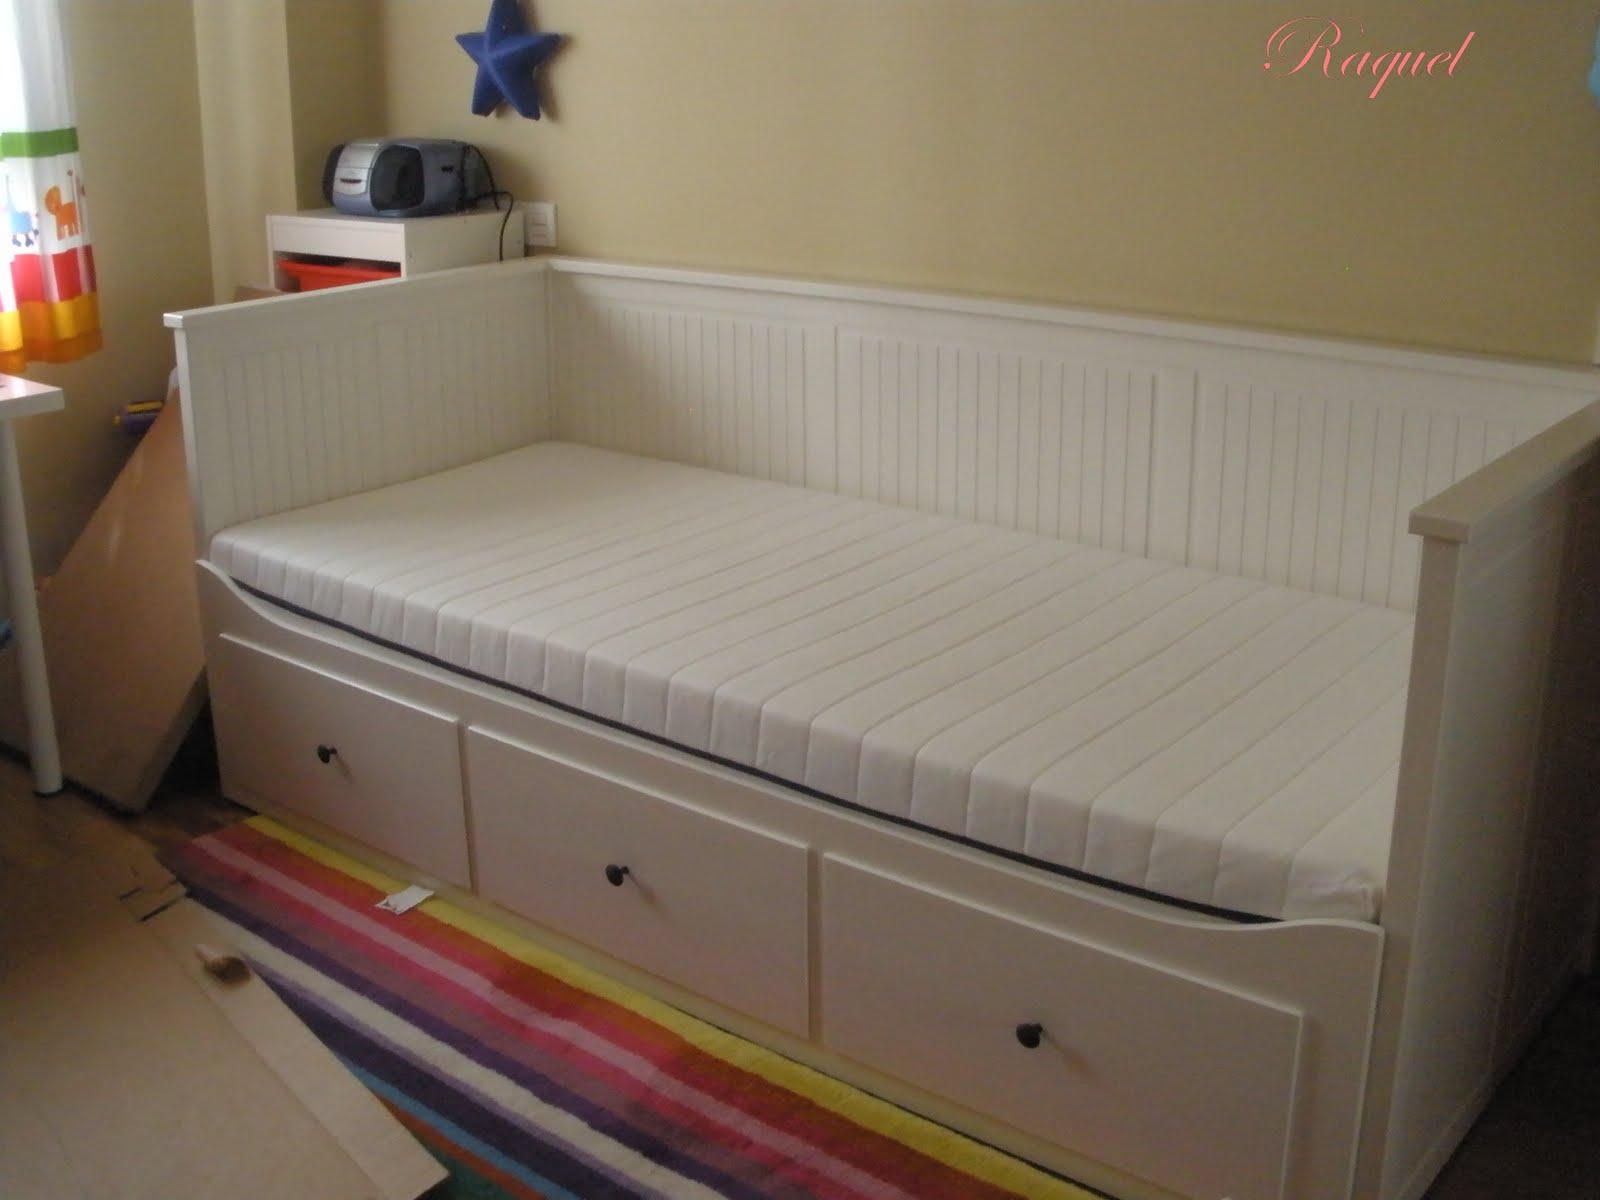 Arriba en el desv n operaci n cambio de dormitorio ii for Muebles el desvan